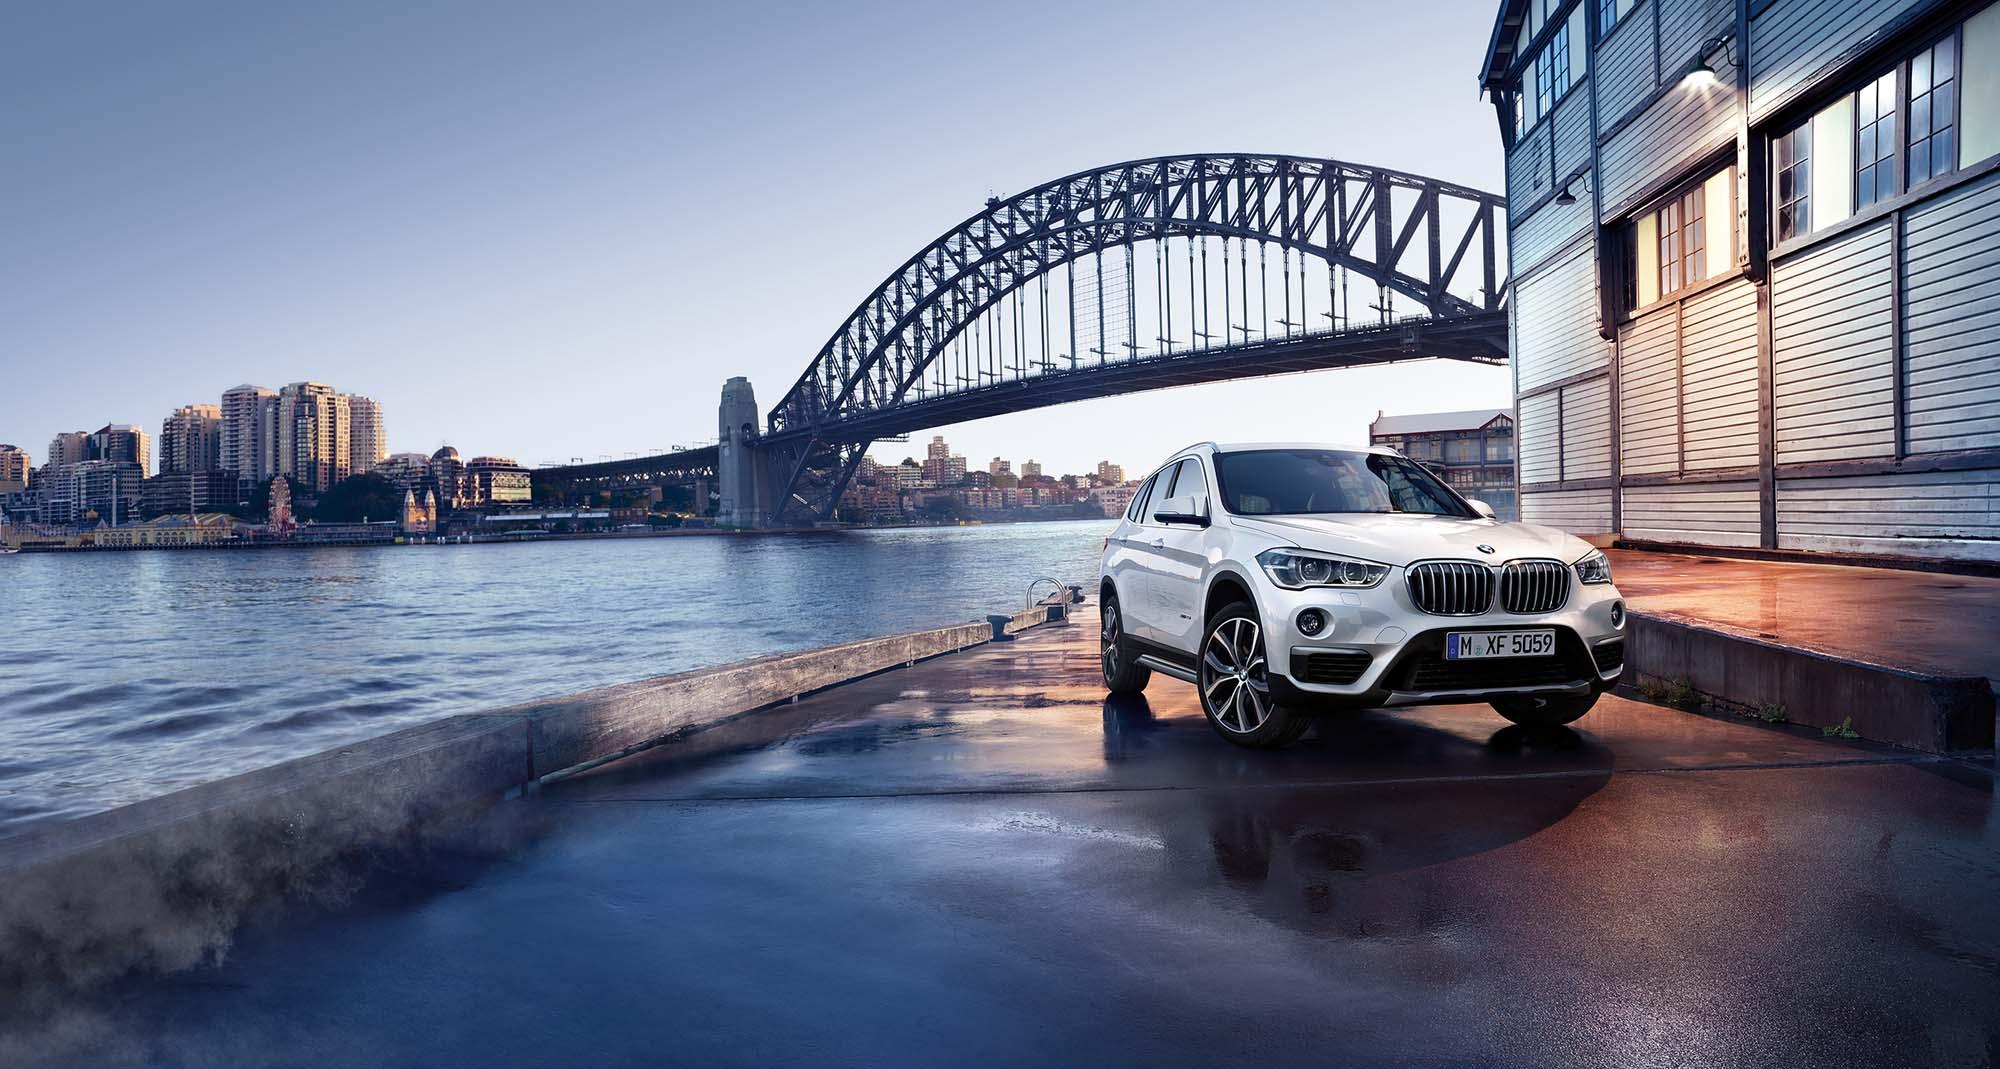 BMW X1 - 24 days